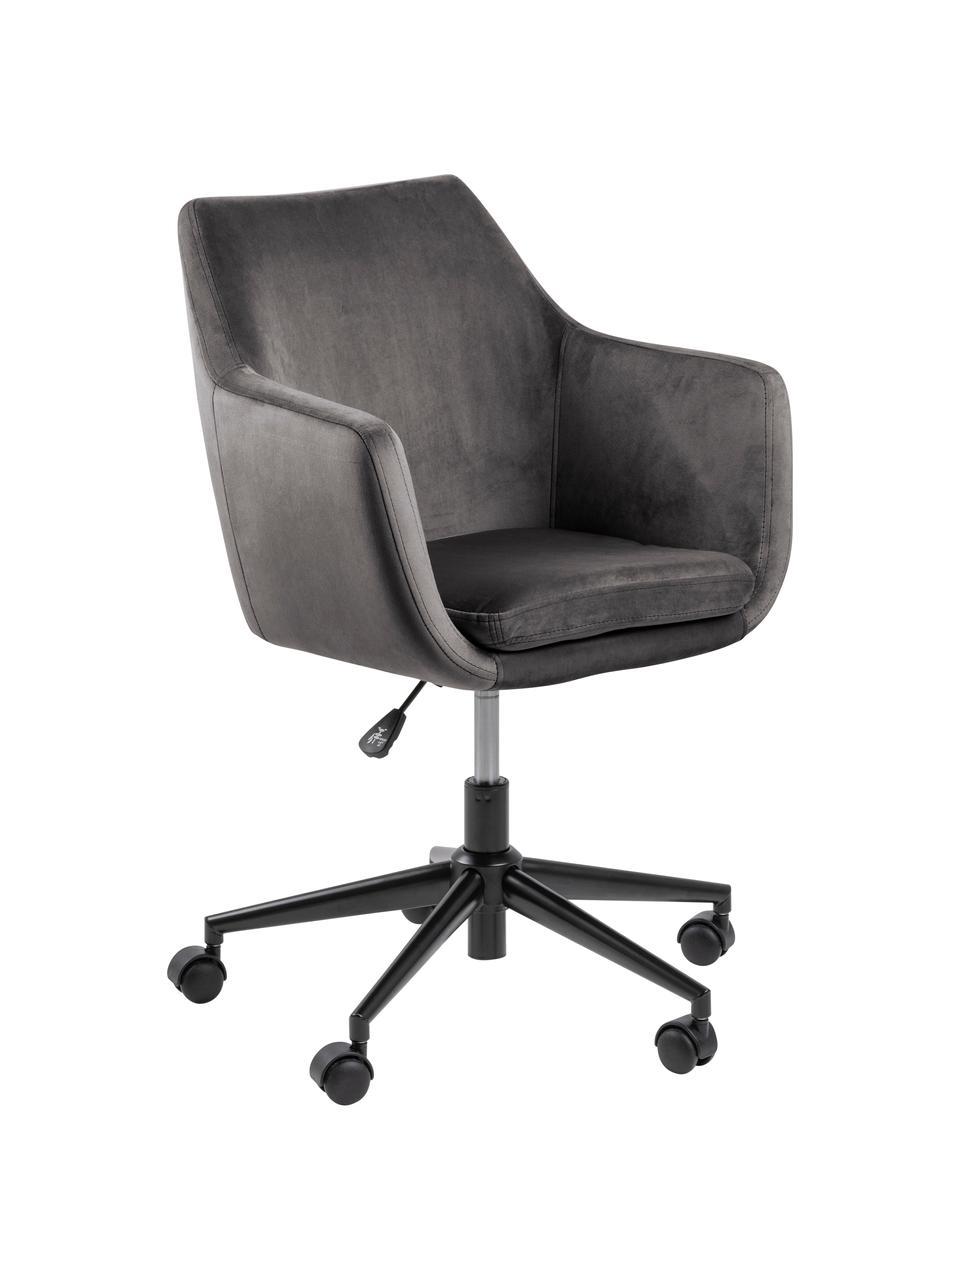 Fluwelen bureaustoel Nora, in hoogte verstelbaar, Bekleding: polyester (fluweel), Frame: gepoedercoat metaal, Fluweel donkergrijs, B 58 x D 58 cm